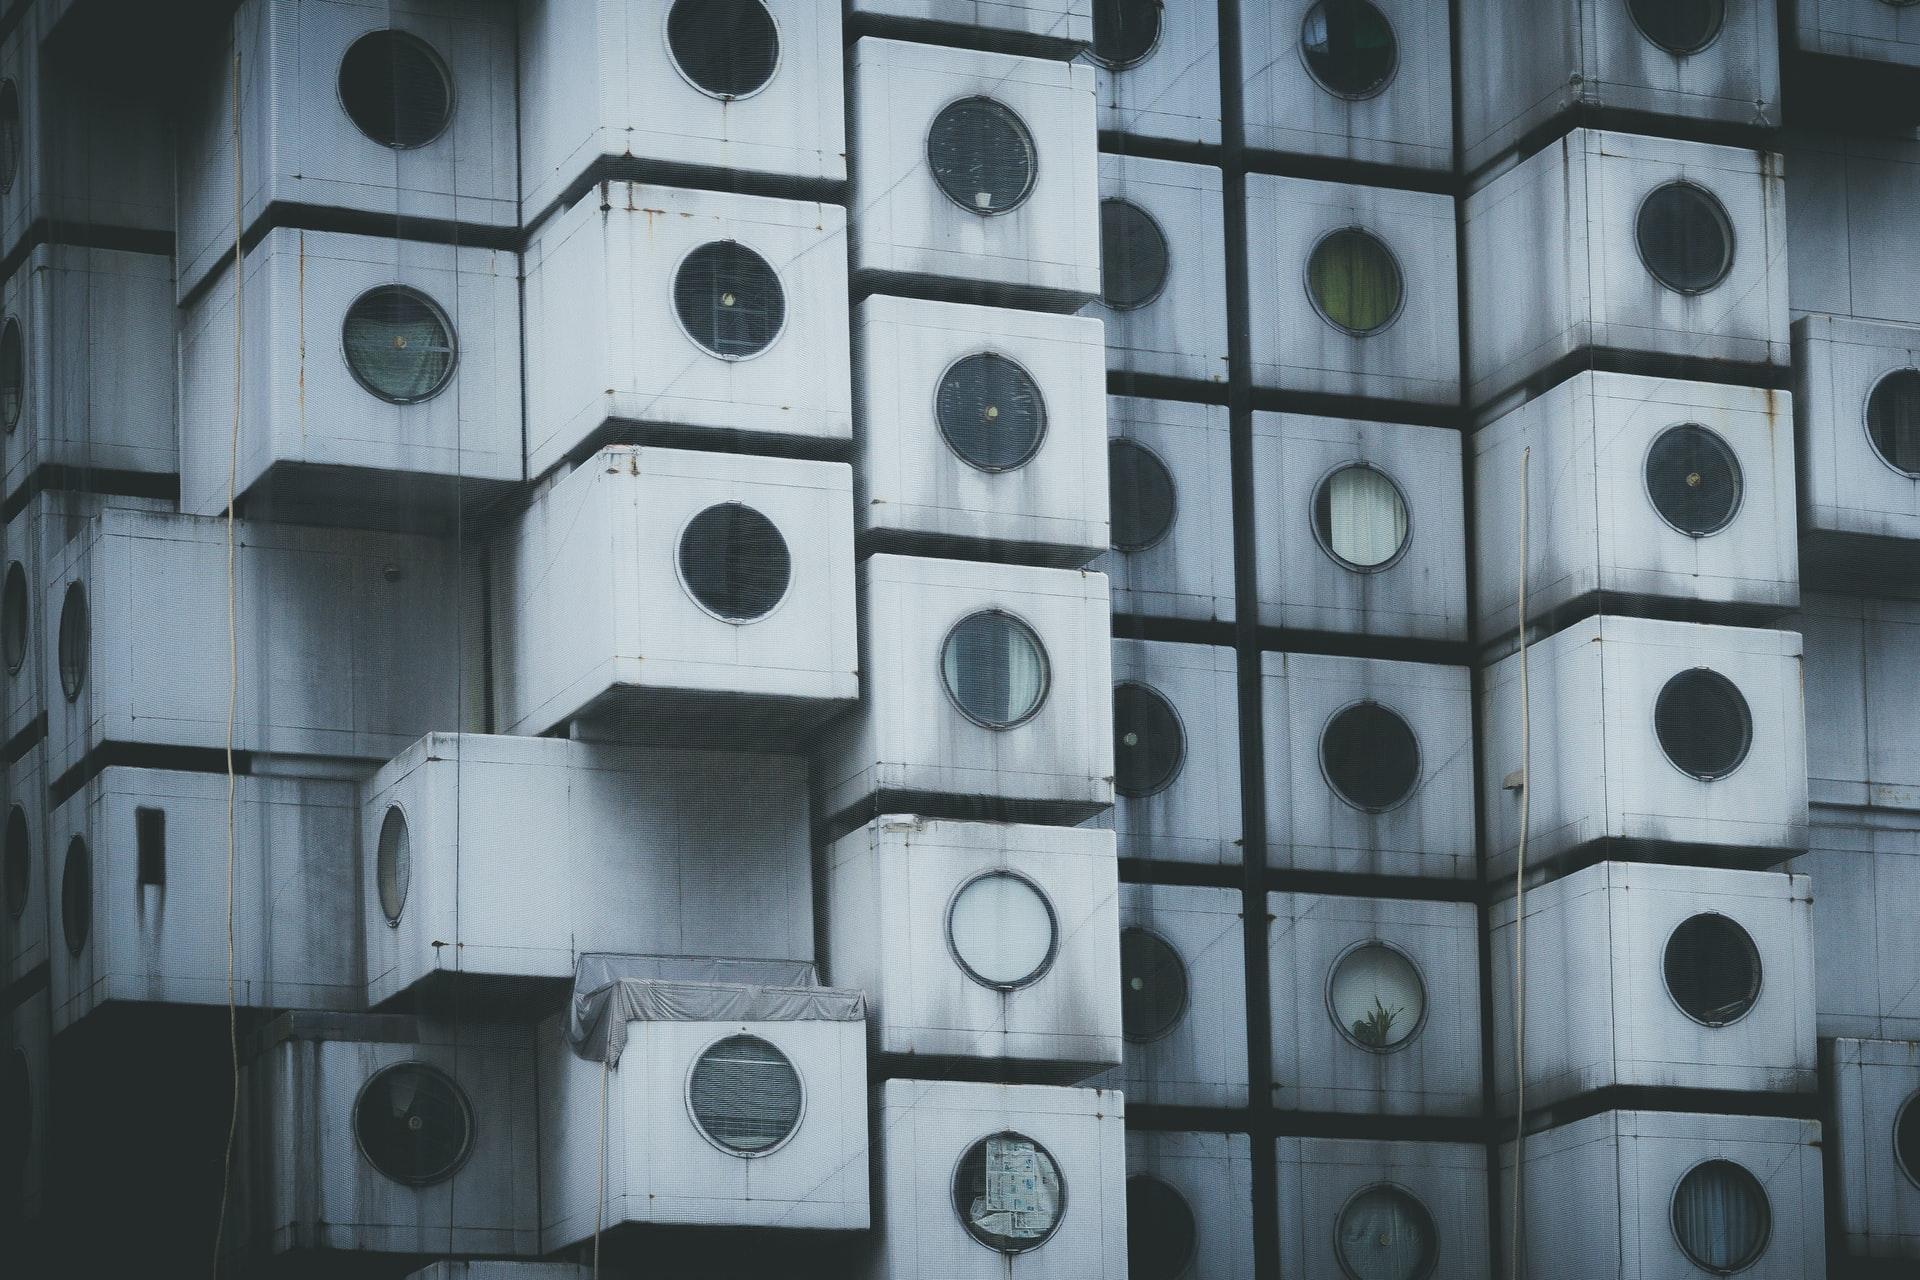 Image of capsule tower in Japan